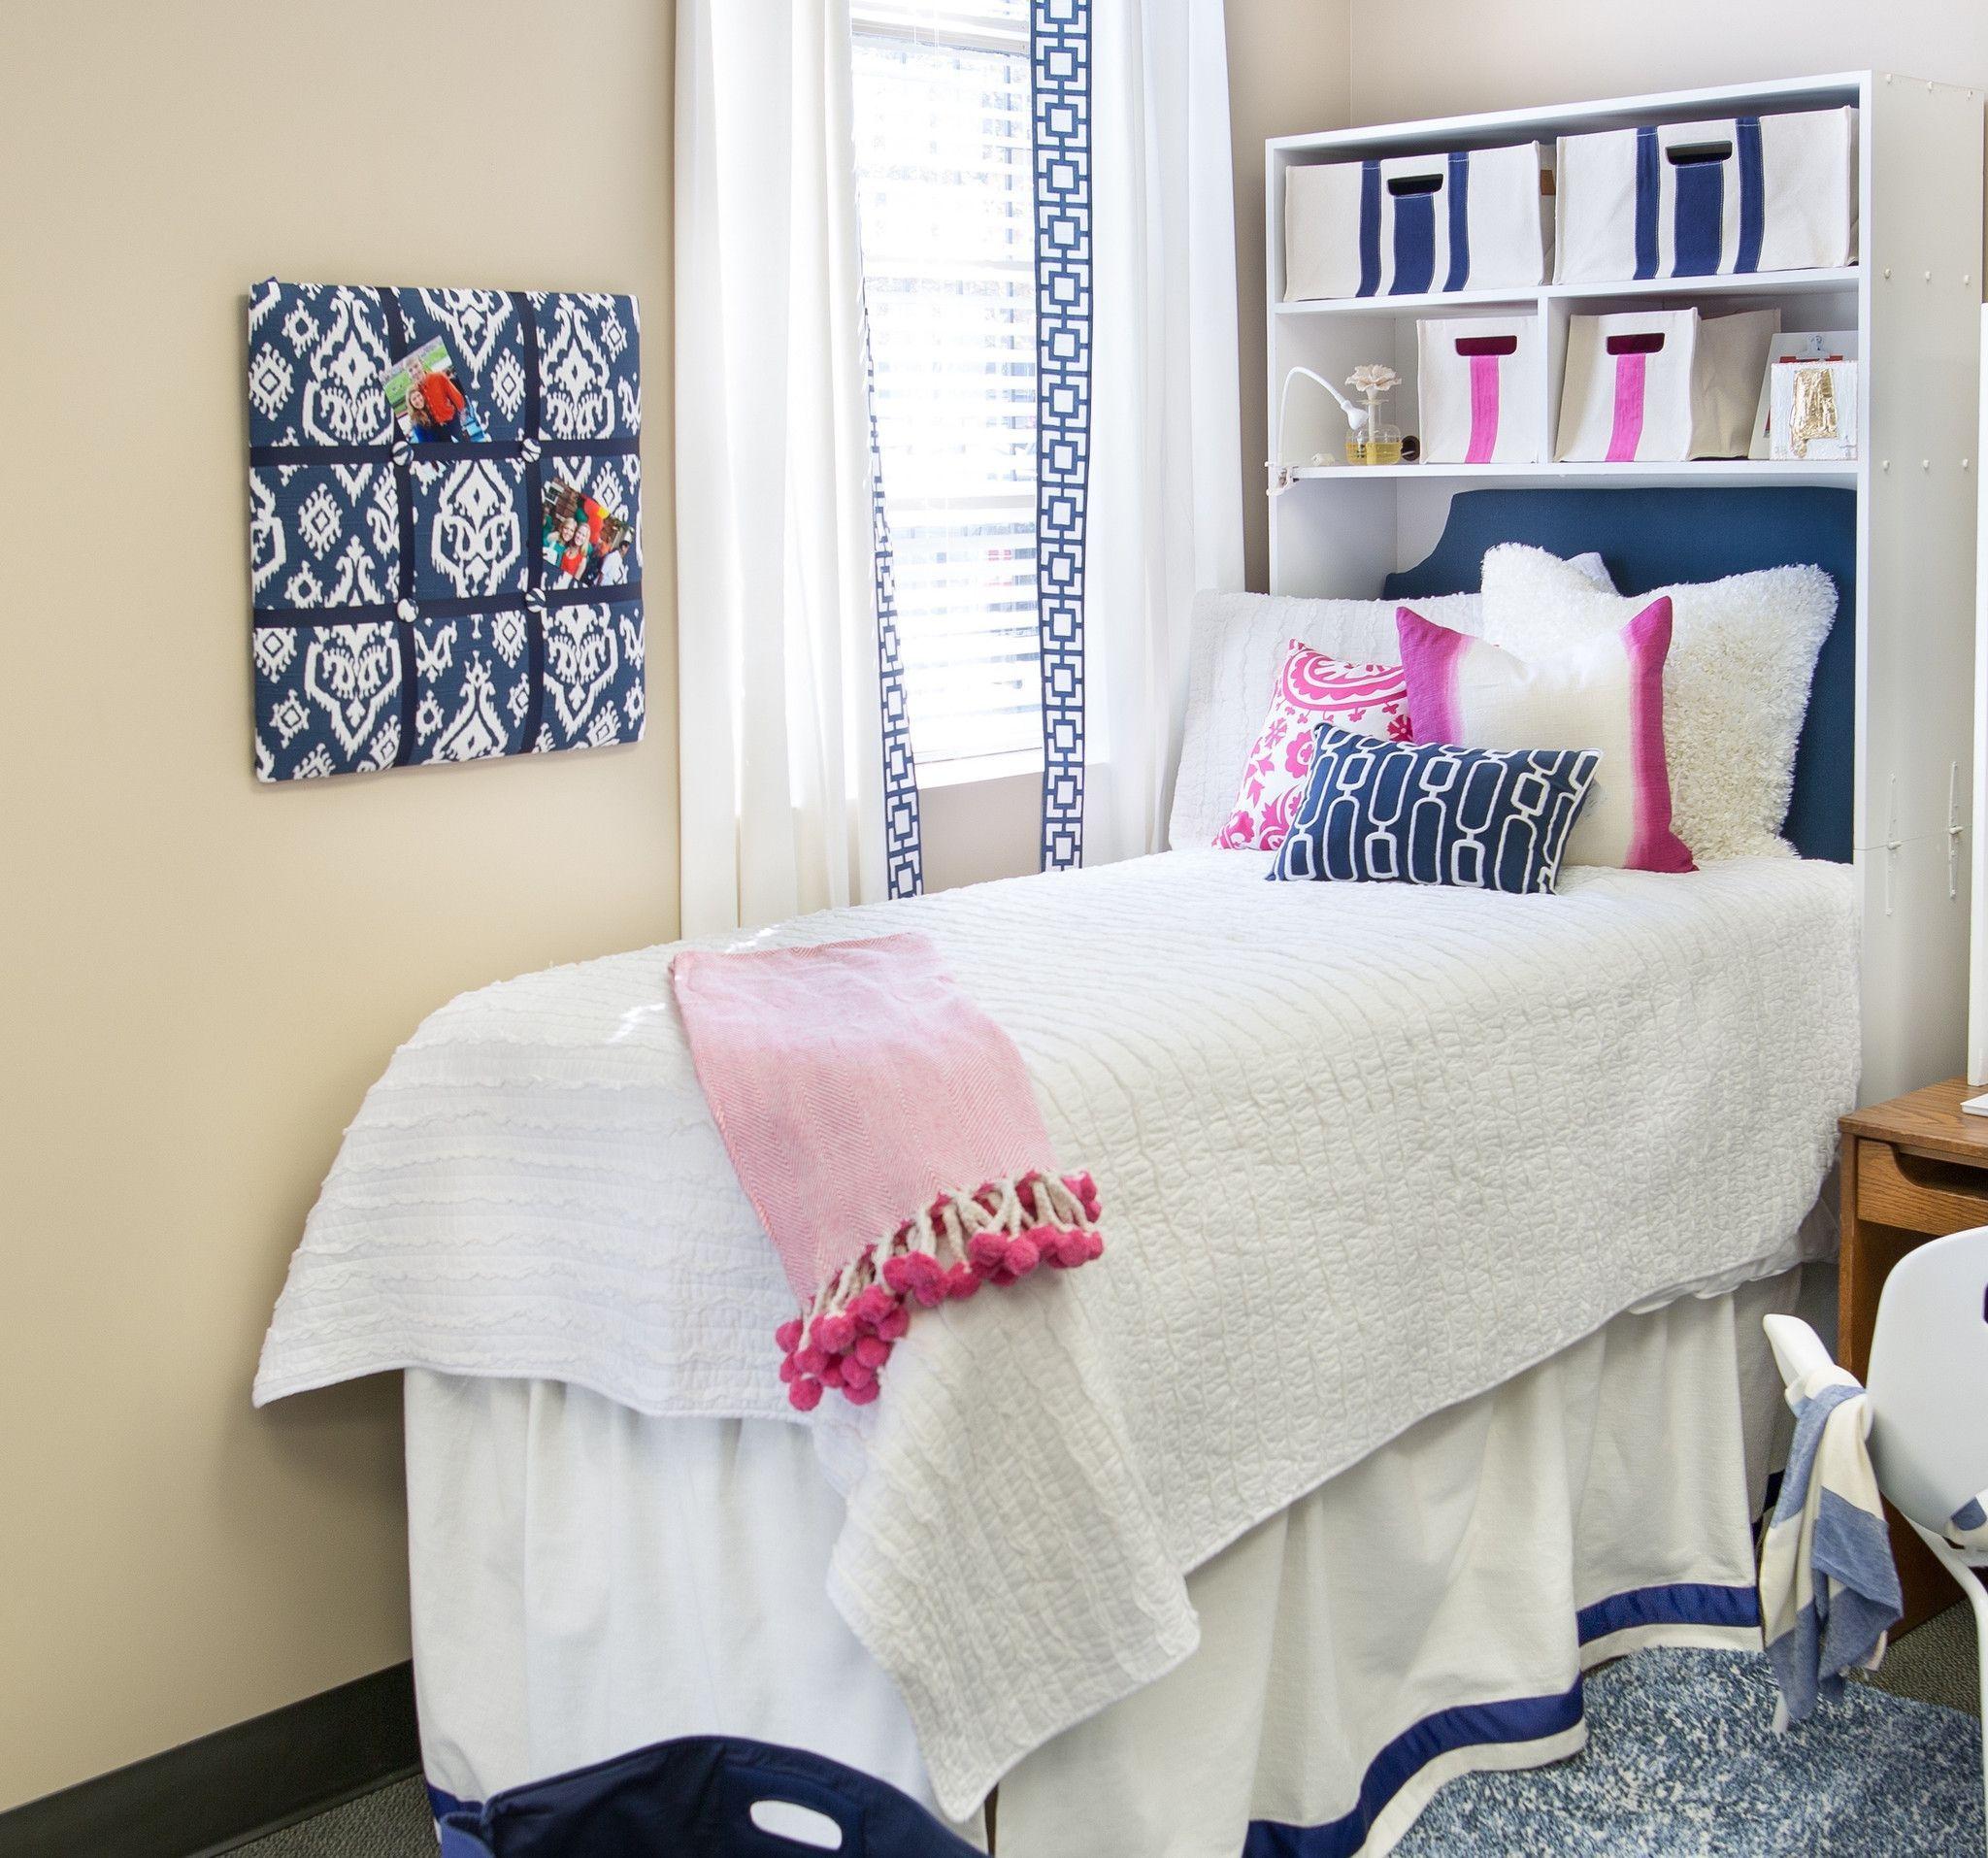 Pin de fer en home pinterest decoraci n de for Decoracion de habitaciones para estudiantes universitarios